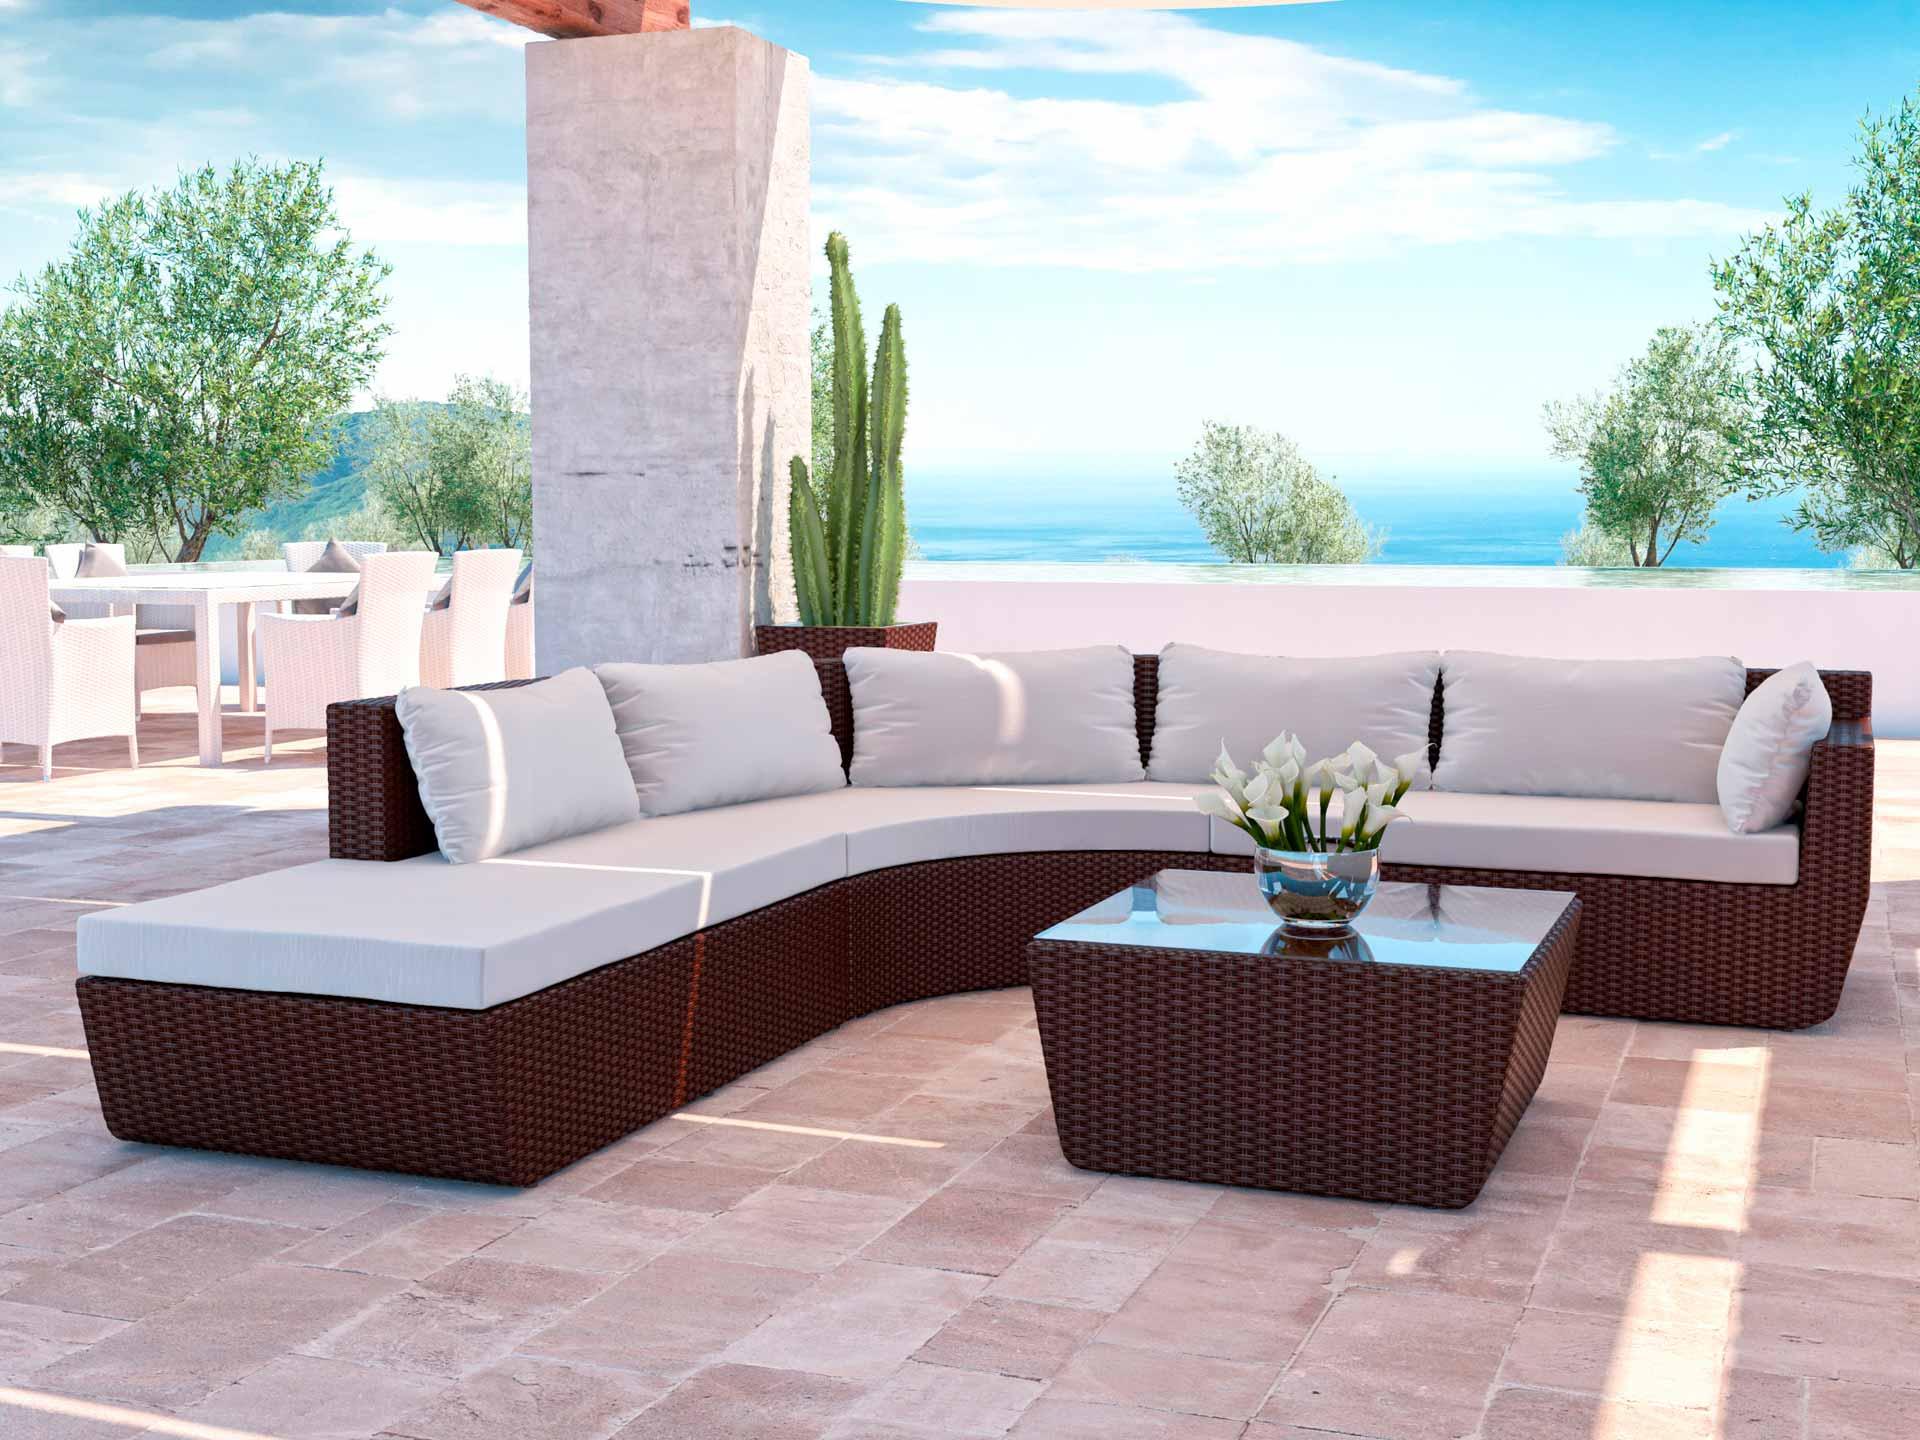 artelia gartenm bel esstisch set im ausverkauf. Black Bedroom Furniture Sets. Home Design Ideas